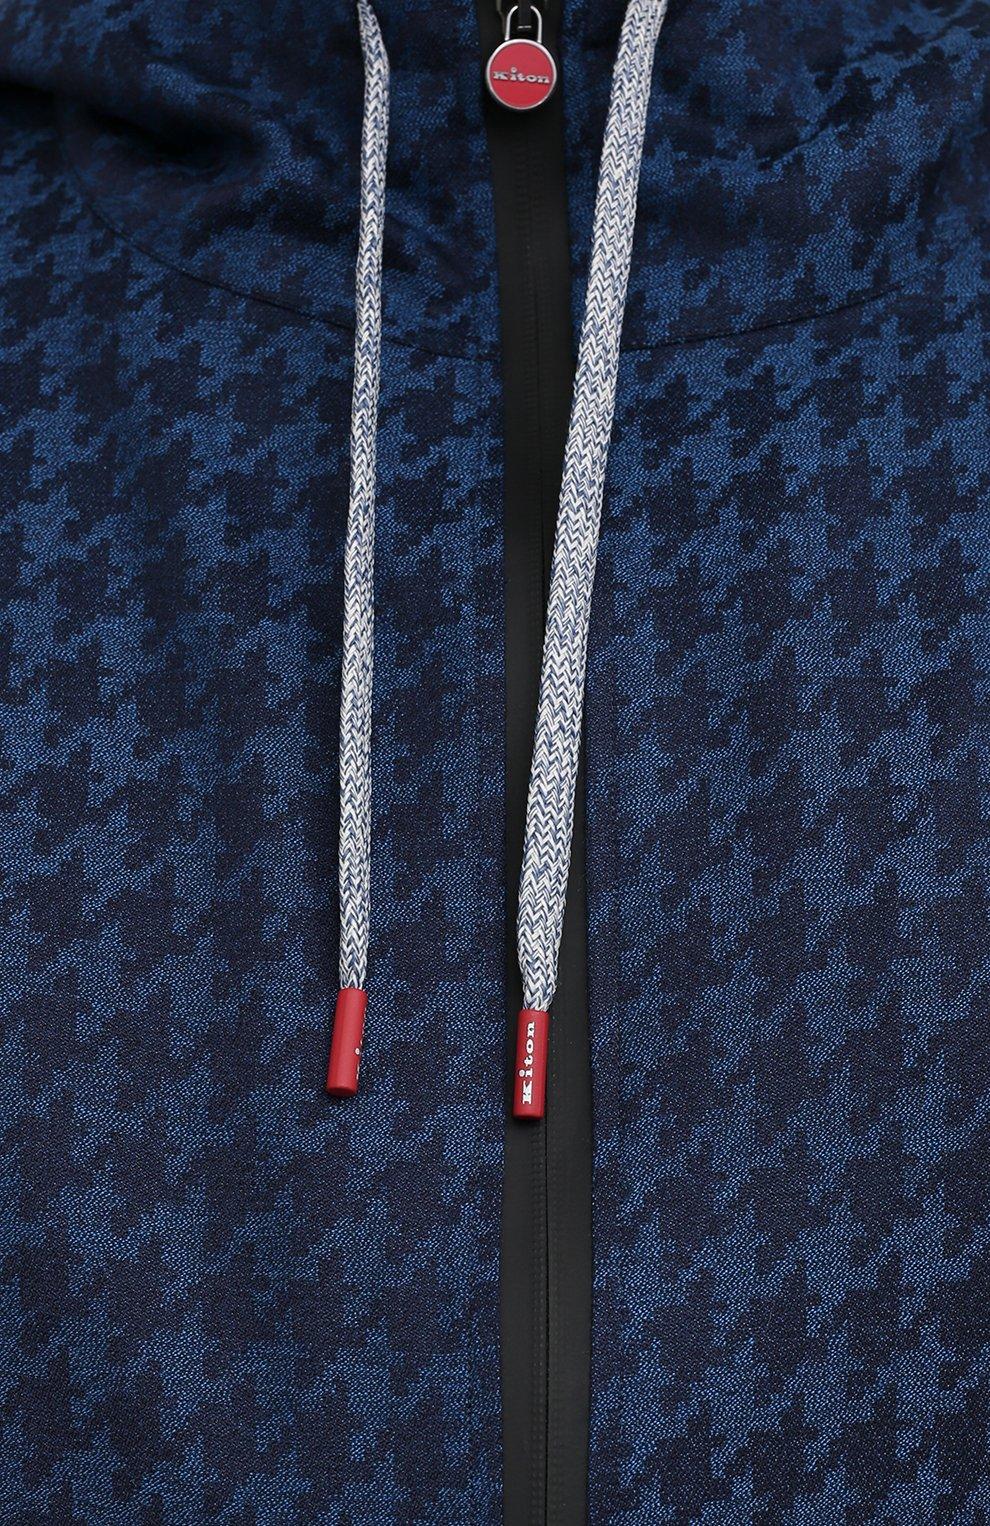 Мужской кашемировый кардиган KITON темно-синего цвета, арт. UMC001K06T0610 | Фото 5